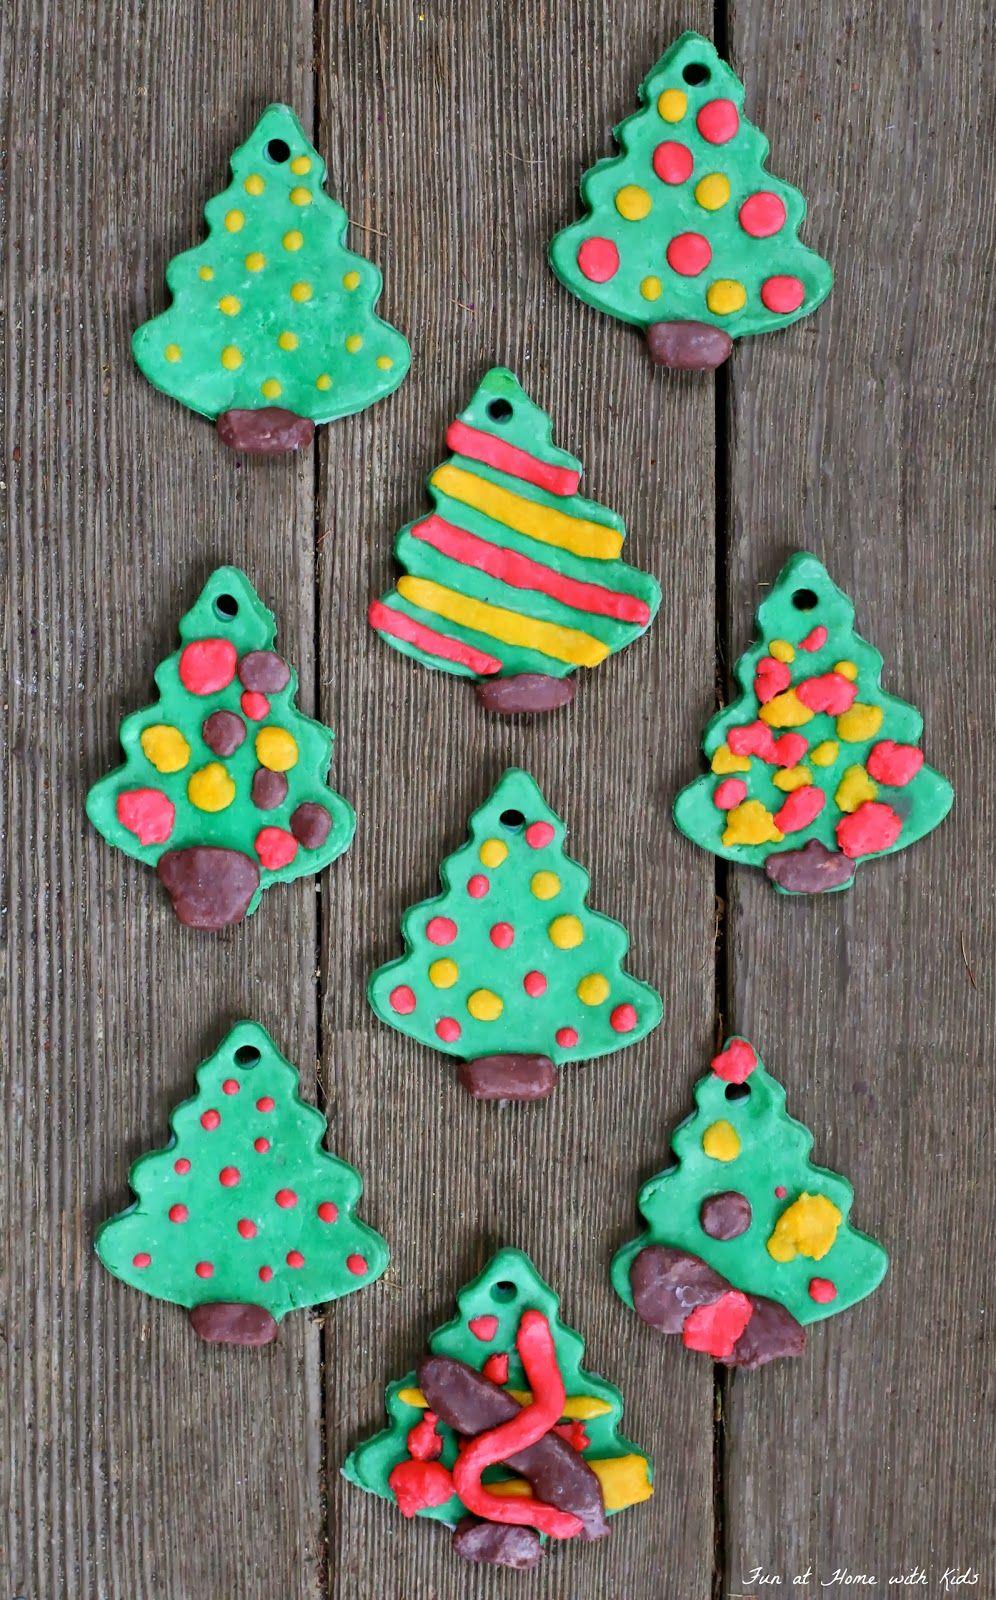 DIY Bread Clay Recipe for No Bake Ornaments Advent